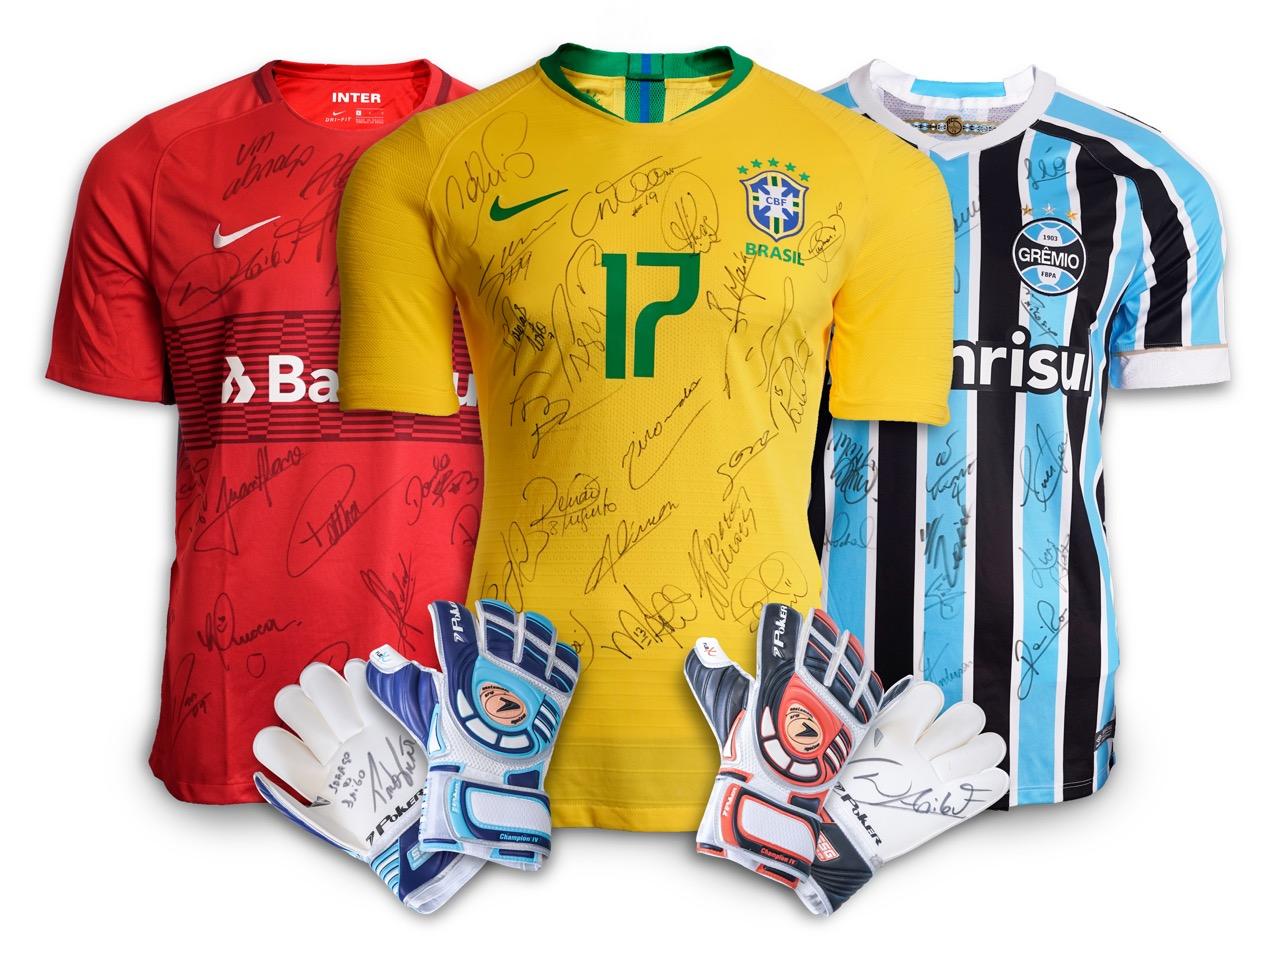 6992fc0fe774f Instituto do Câncer Infantil expõe camisa da Seleção Brasileira e da dupla  Grenal no shopping Iguatemi